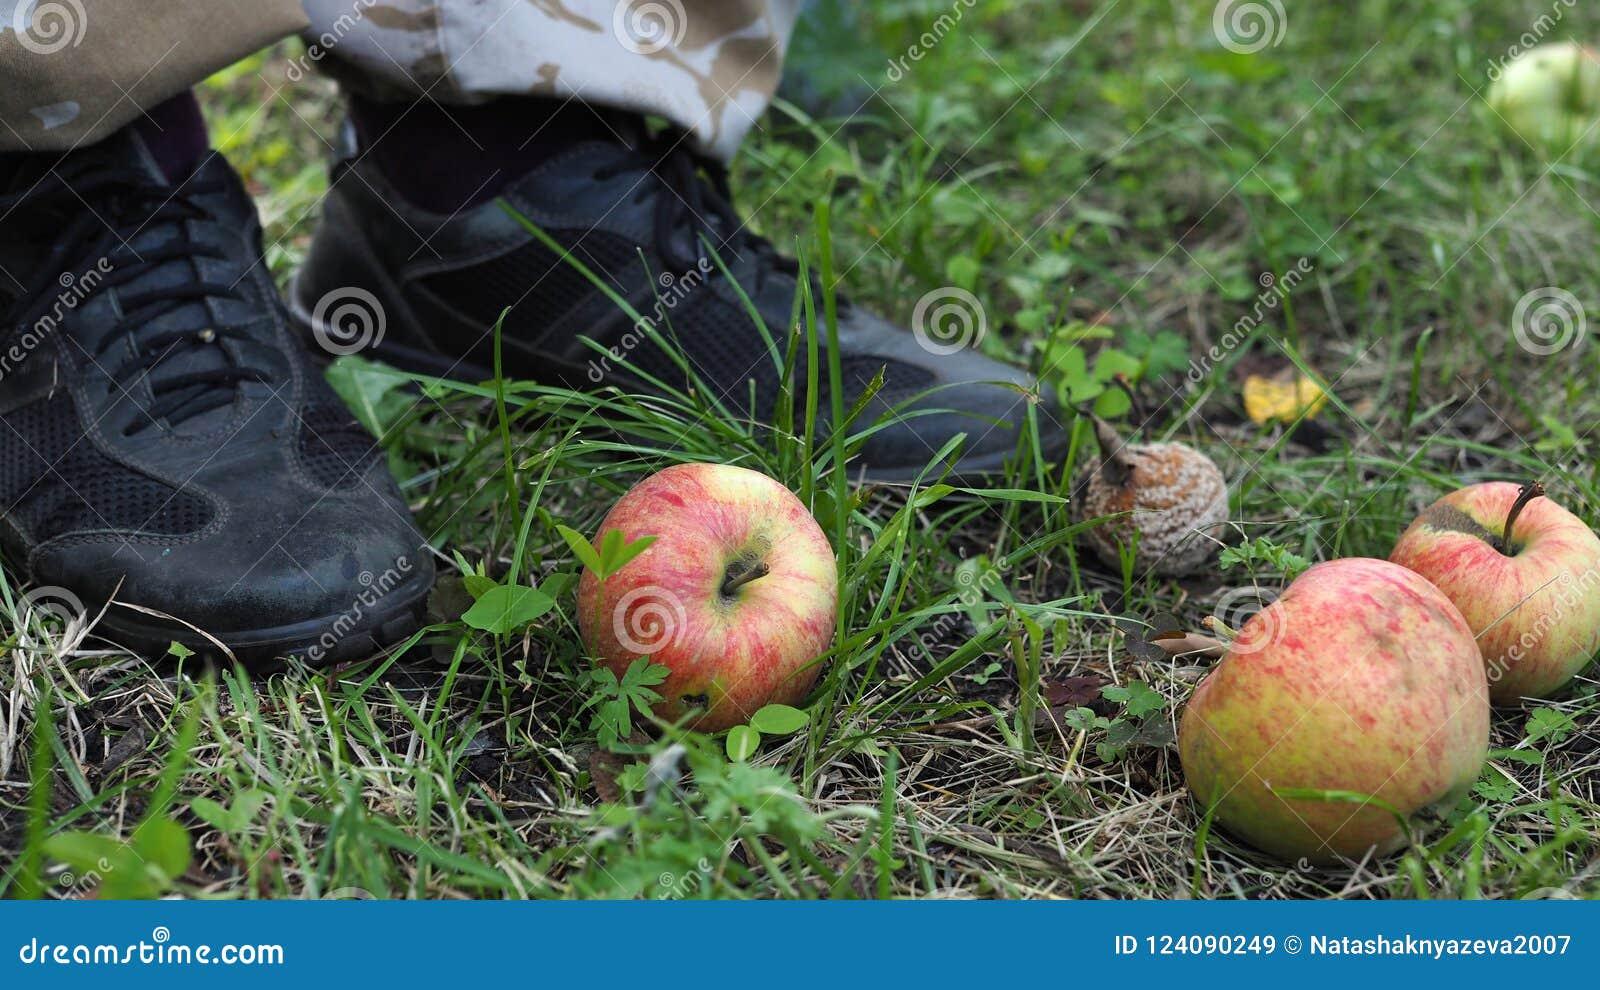 Pommes tombées non mûres et putréfiées au sol dans un jardin à côté des pieds humains